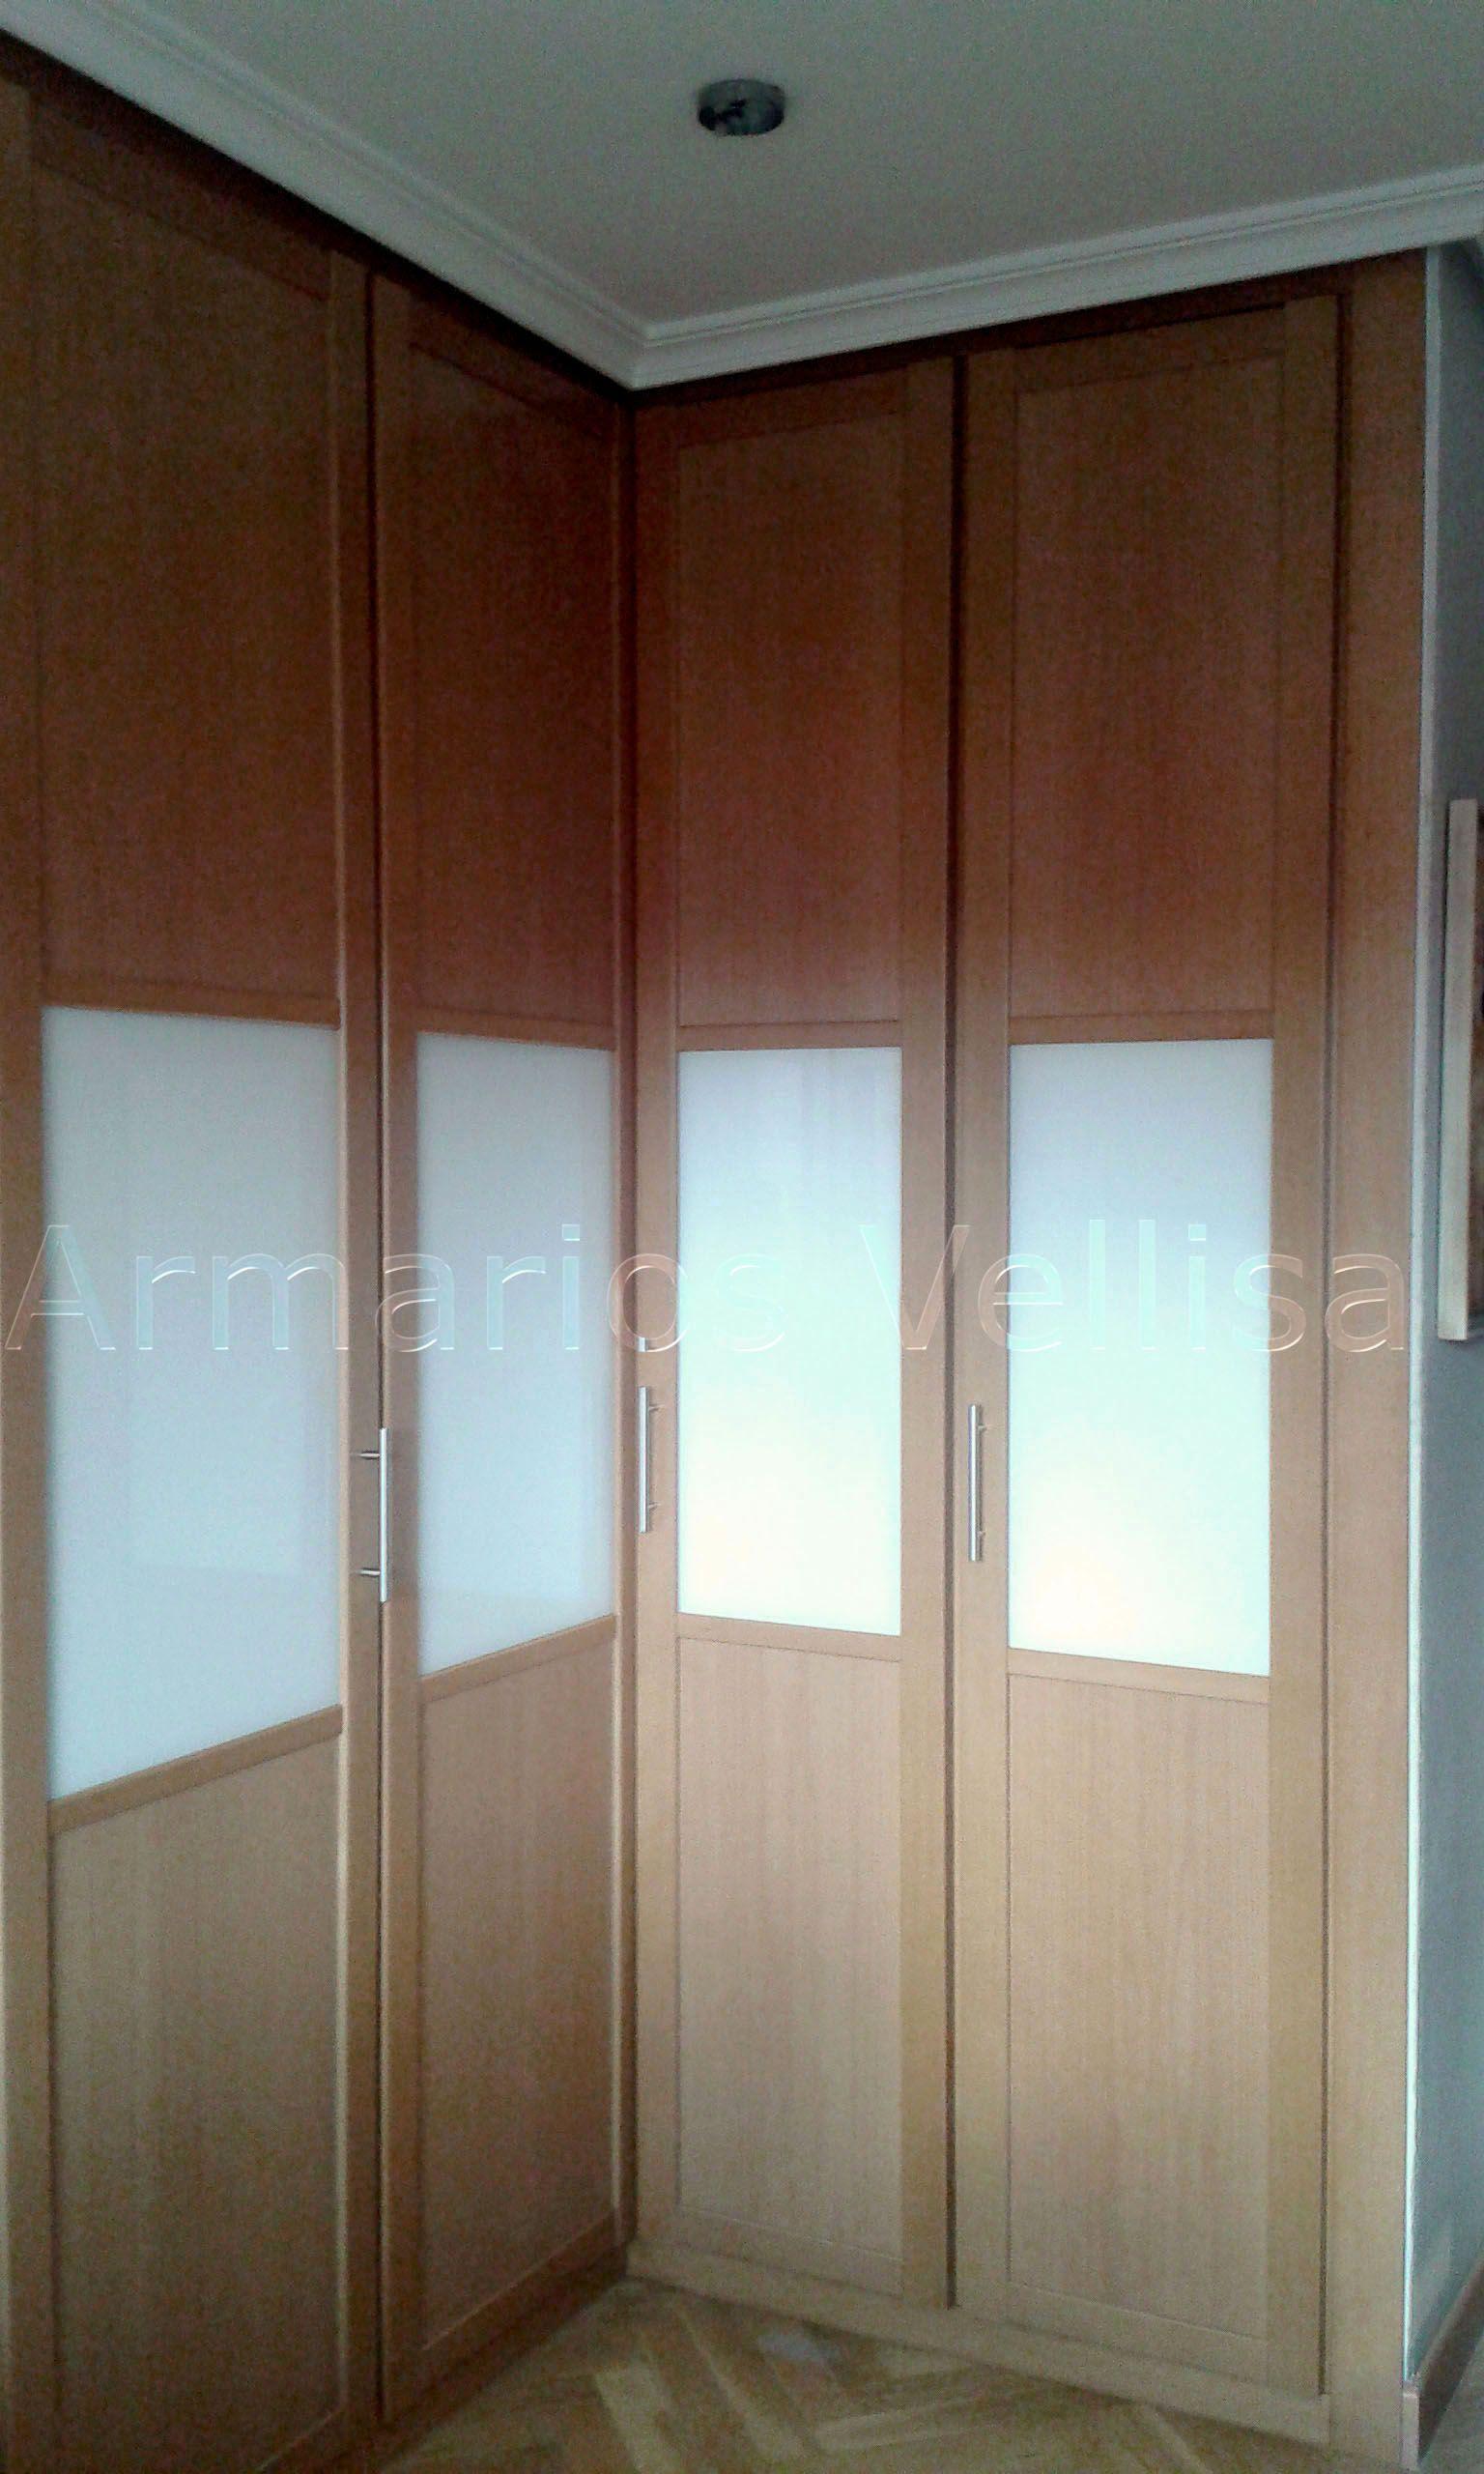 Armarios empotrados puertas abatibles gallery of armario puertas plegables with armarios - Puertas plegables armarios empotrados ...